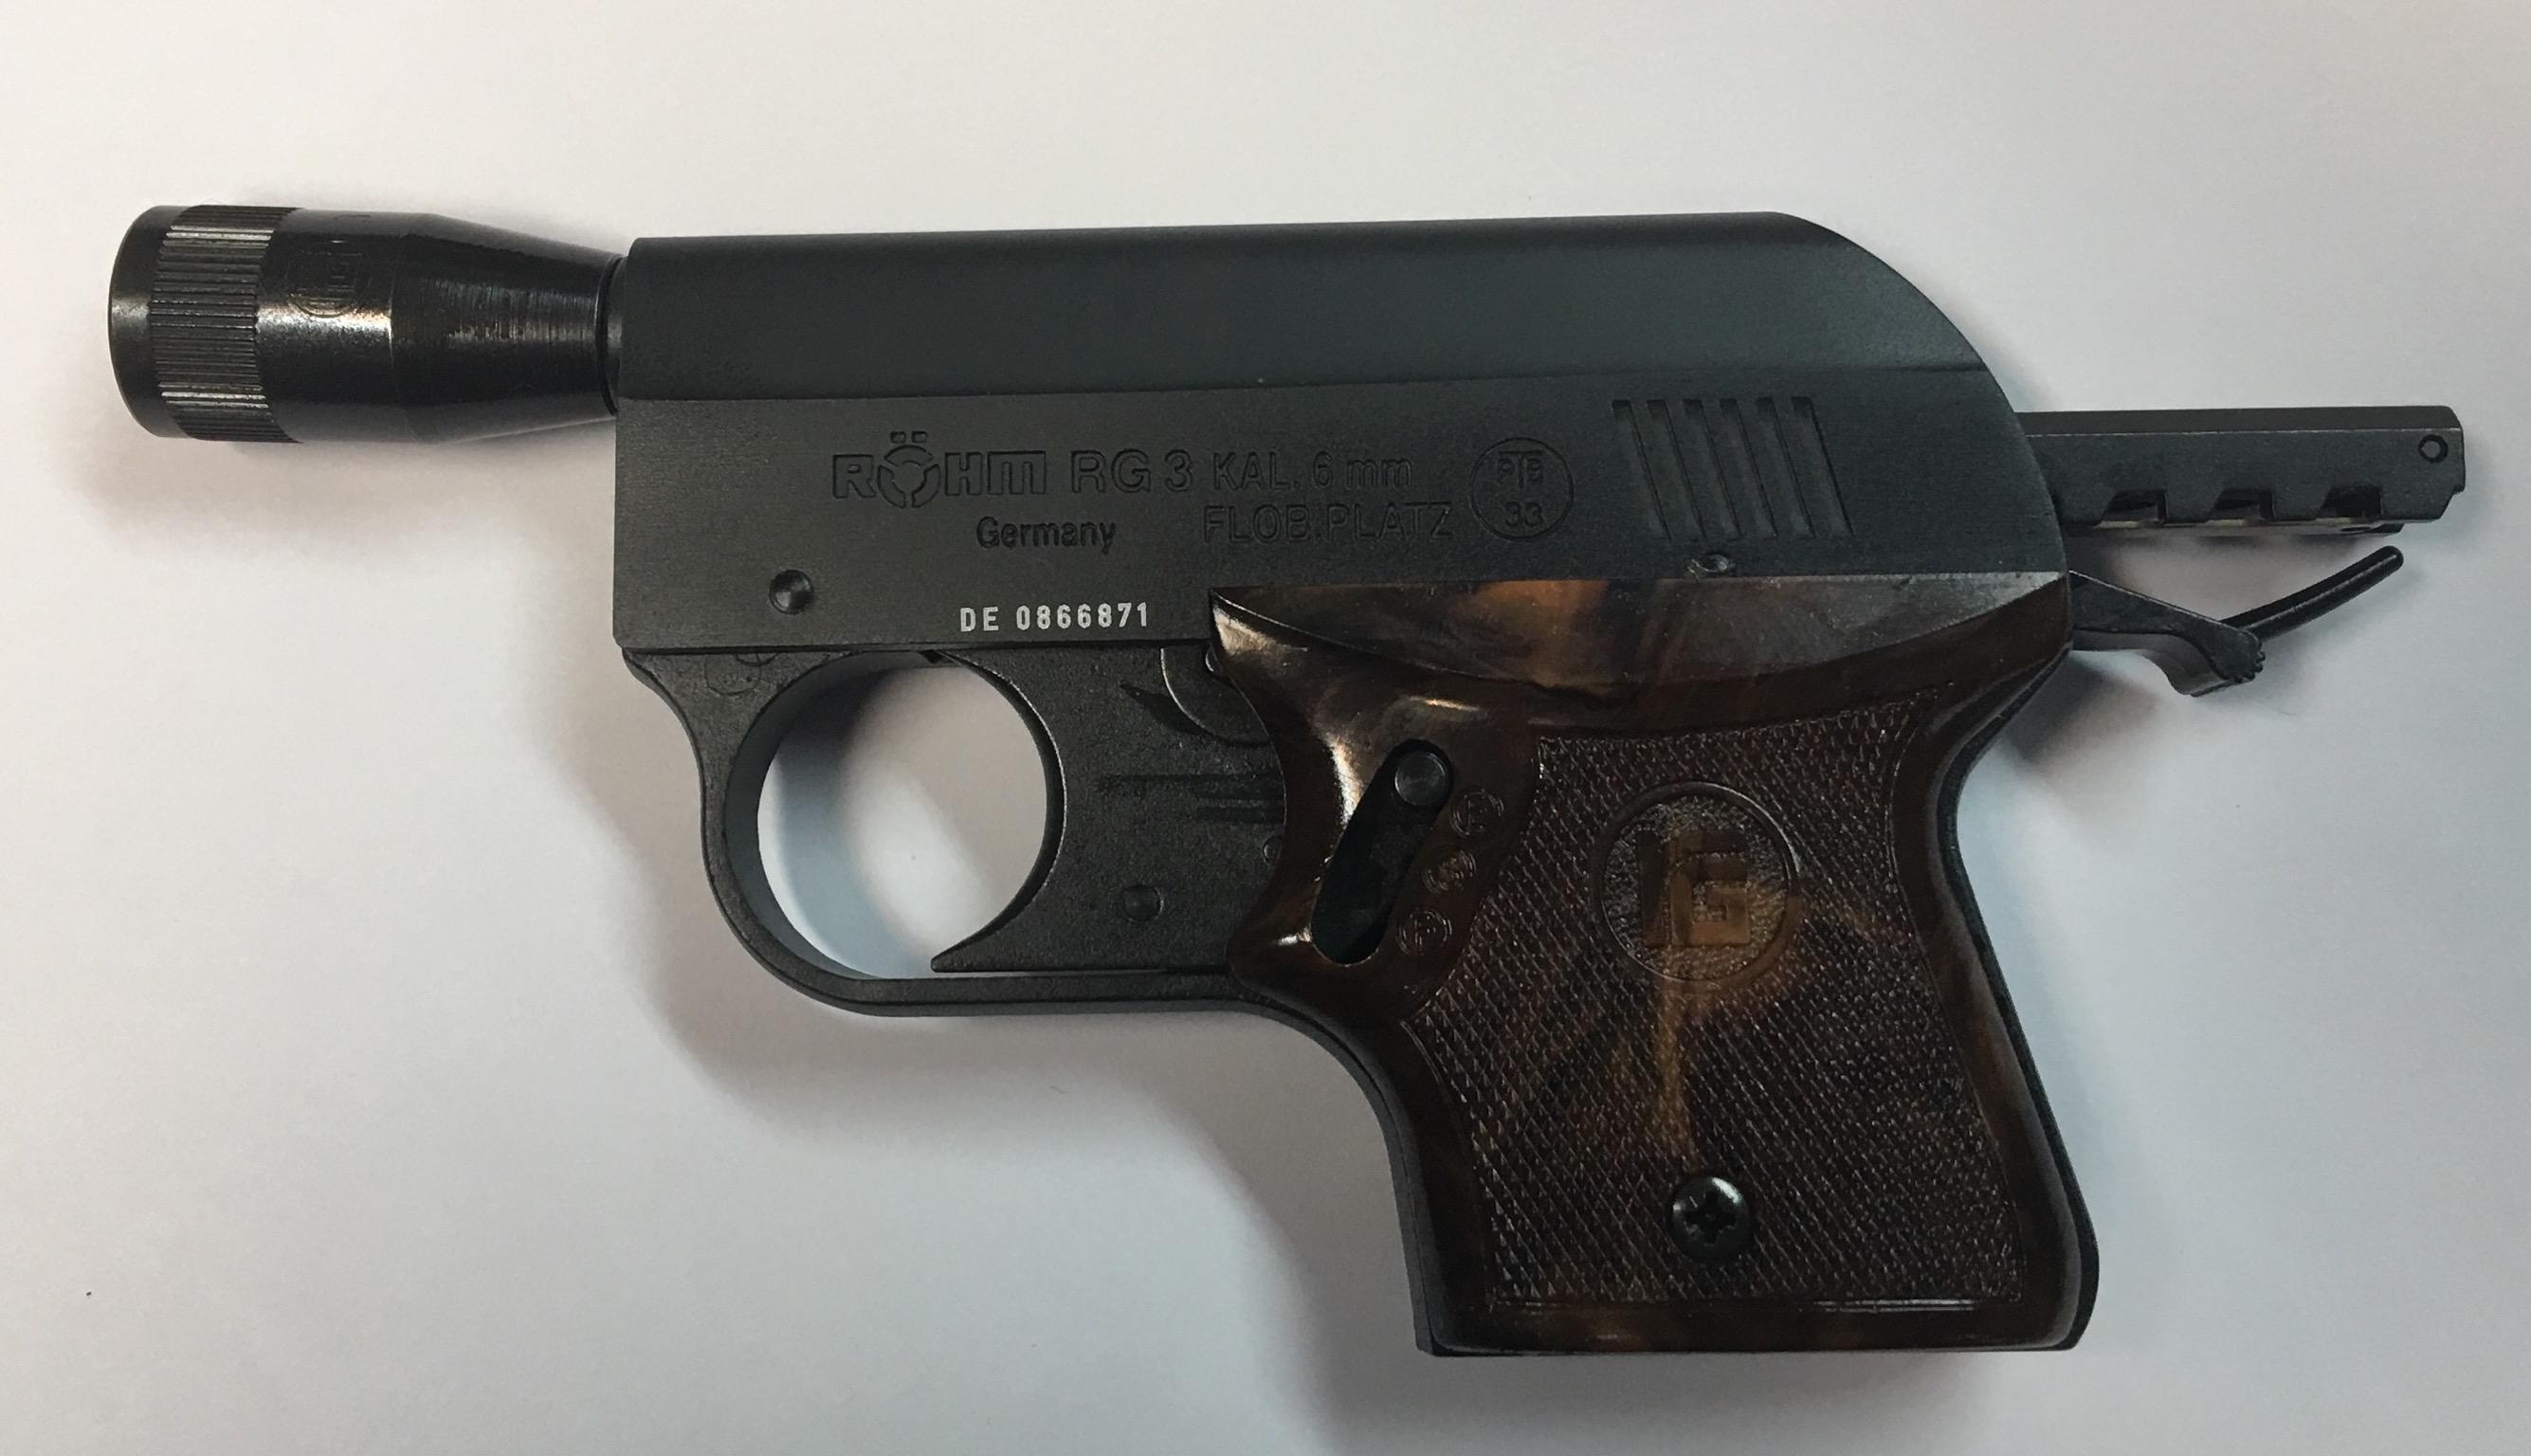 Gaspistole Rhöm RG3 mit Abschussbecher für Pyrotechnik.